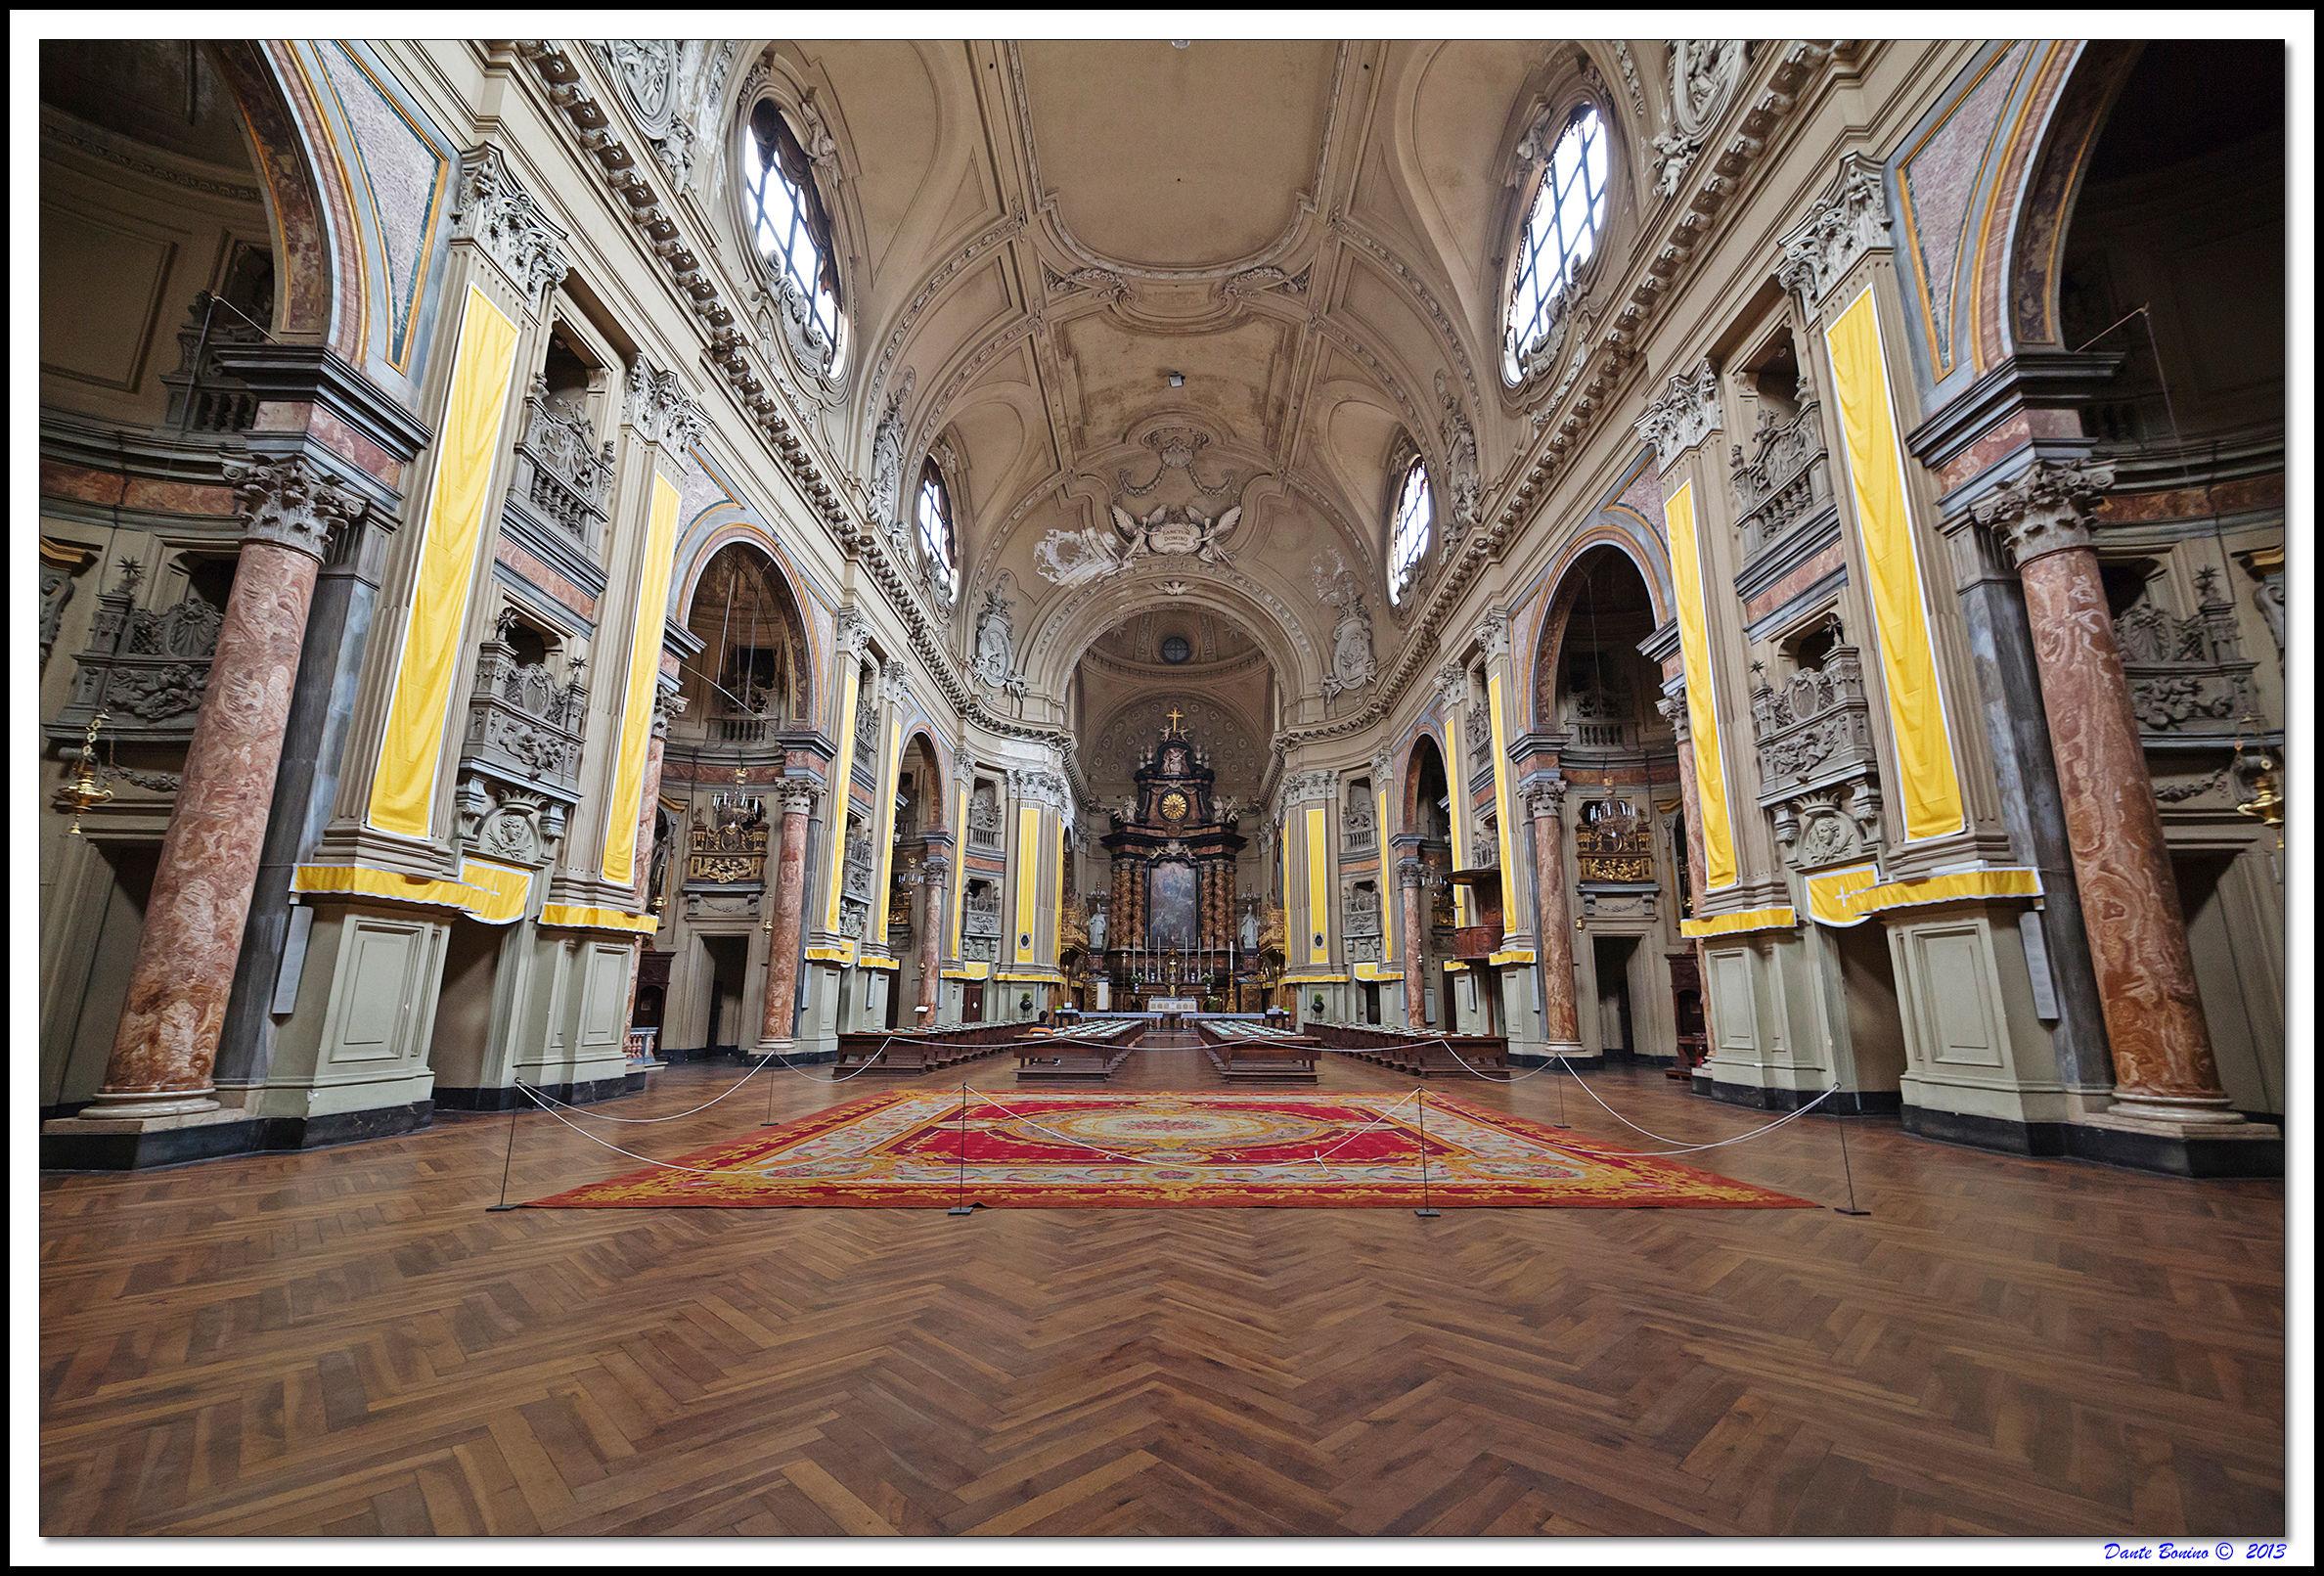 Chiesa s filippo neri interno juzaphoto for Interno j